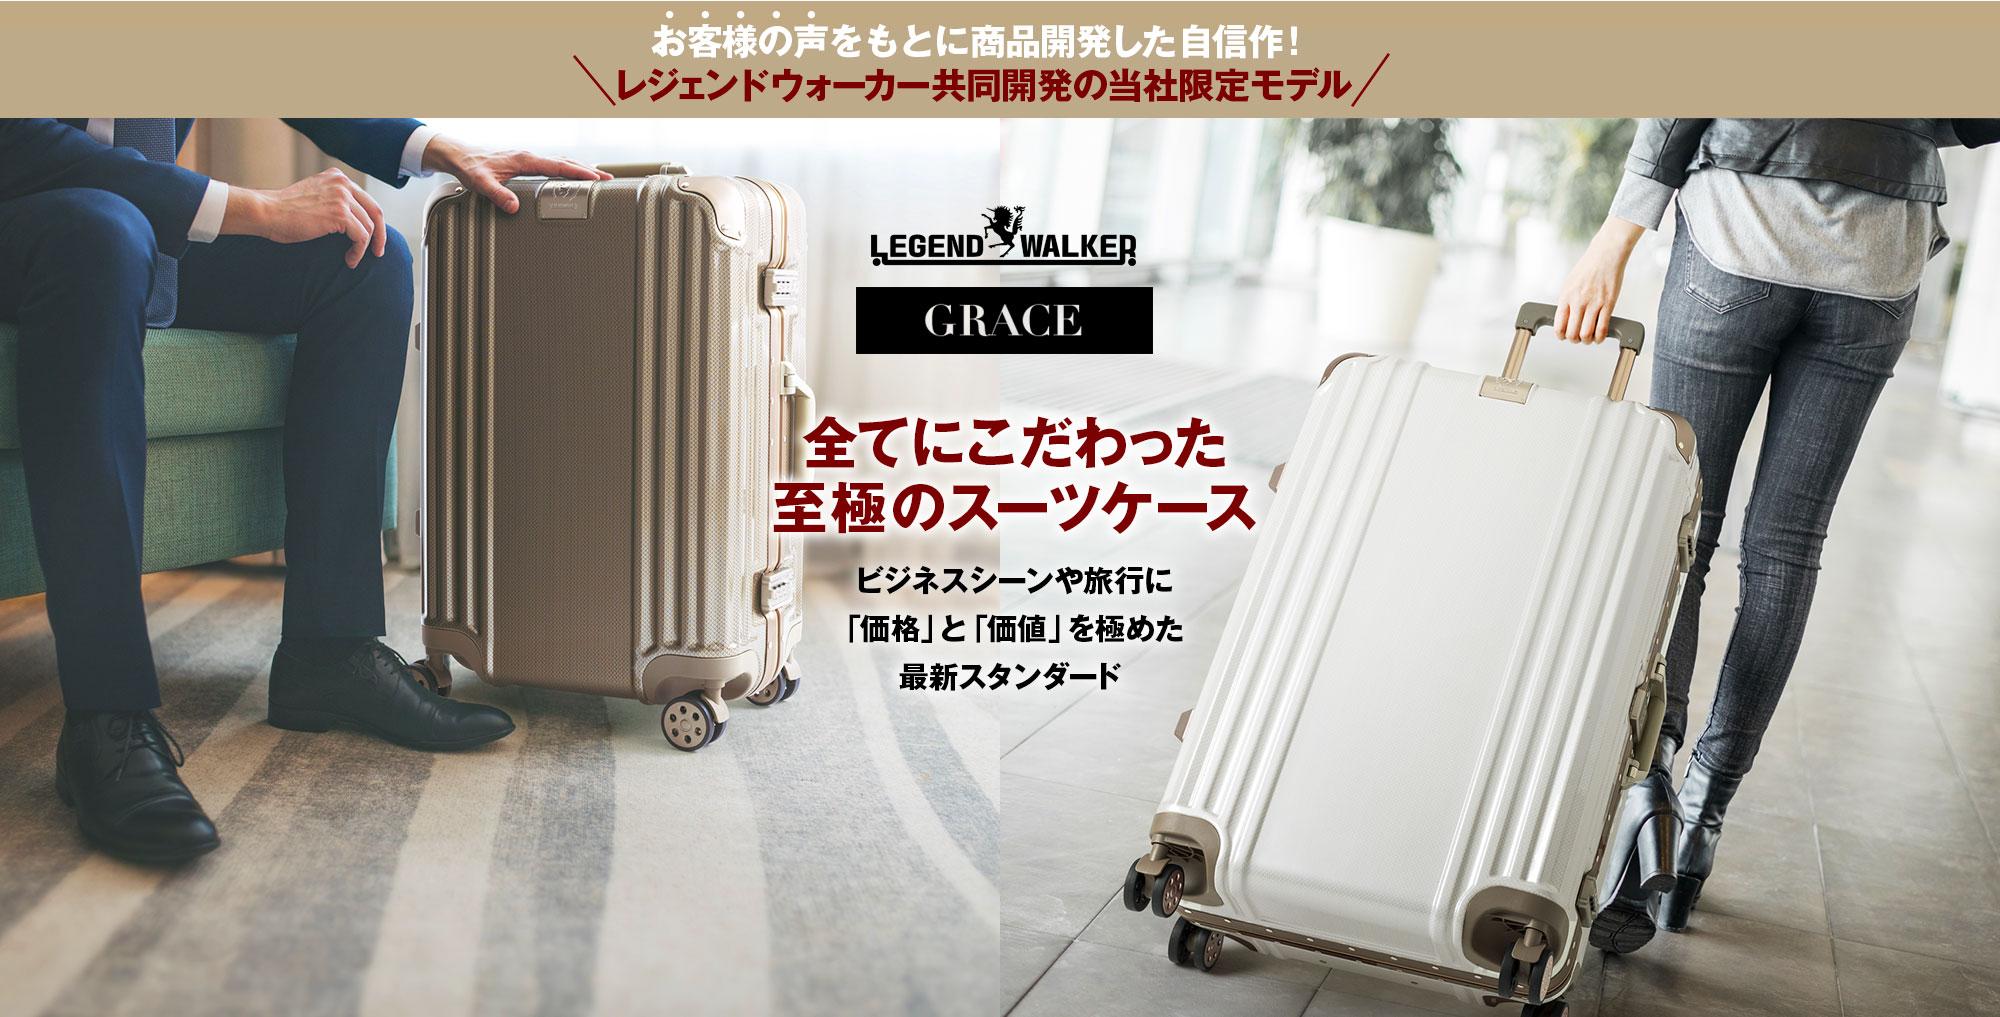 161dc715e6 楽天市場】スーツケース キャリーケース キャリーバッグ おしゃれ ...